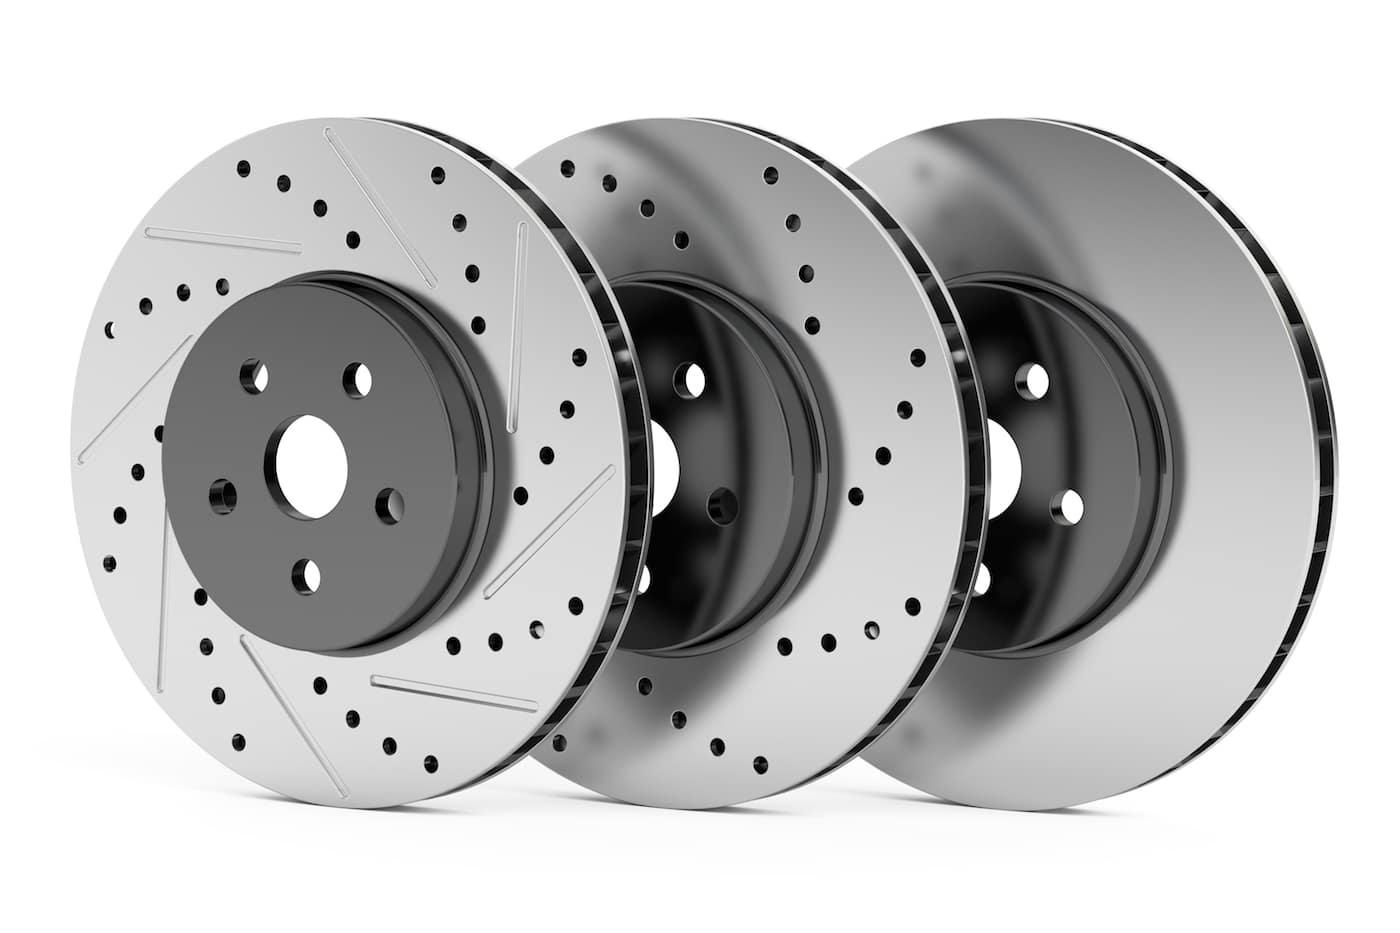 A close up shot of car disc brakes and rotors